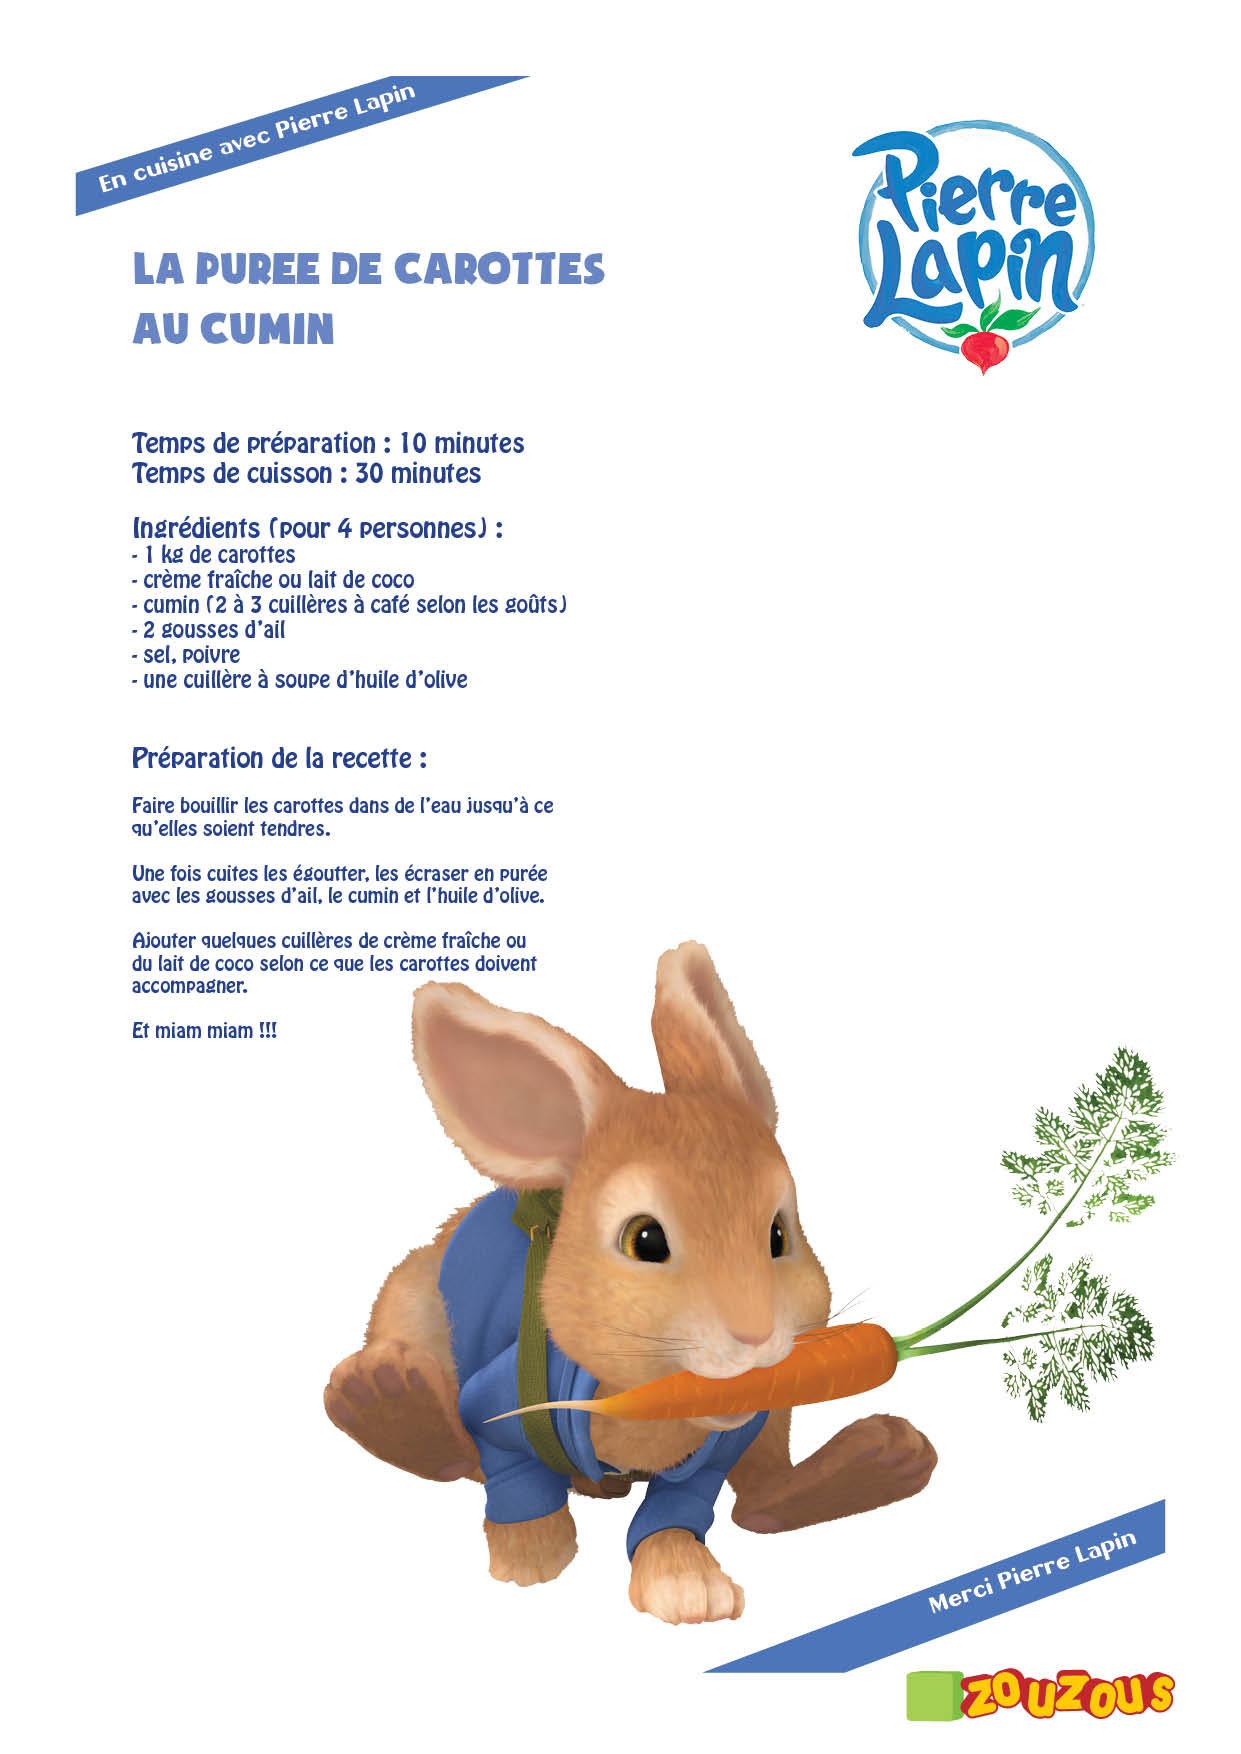 Coloriage Pierre Lapin Recette de purée de carottes Recette de purée de carottes